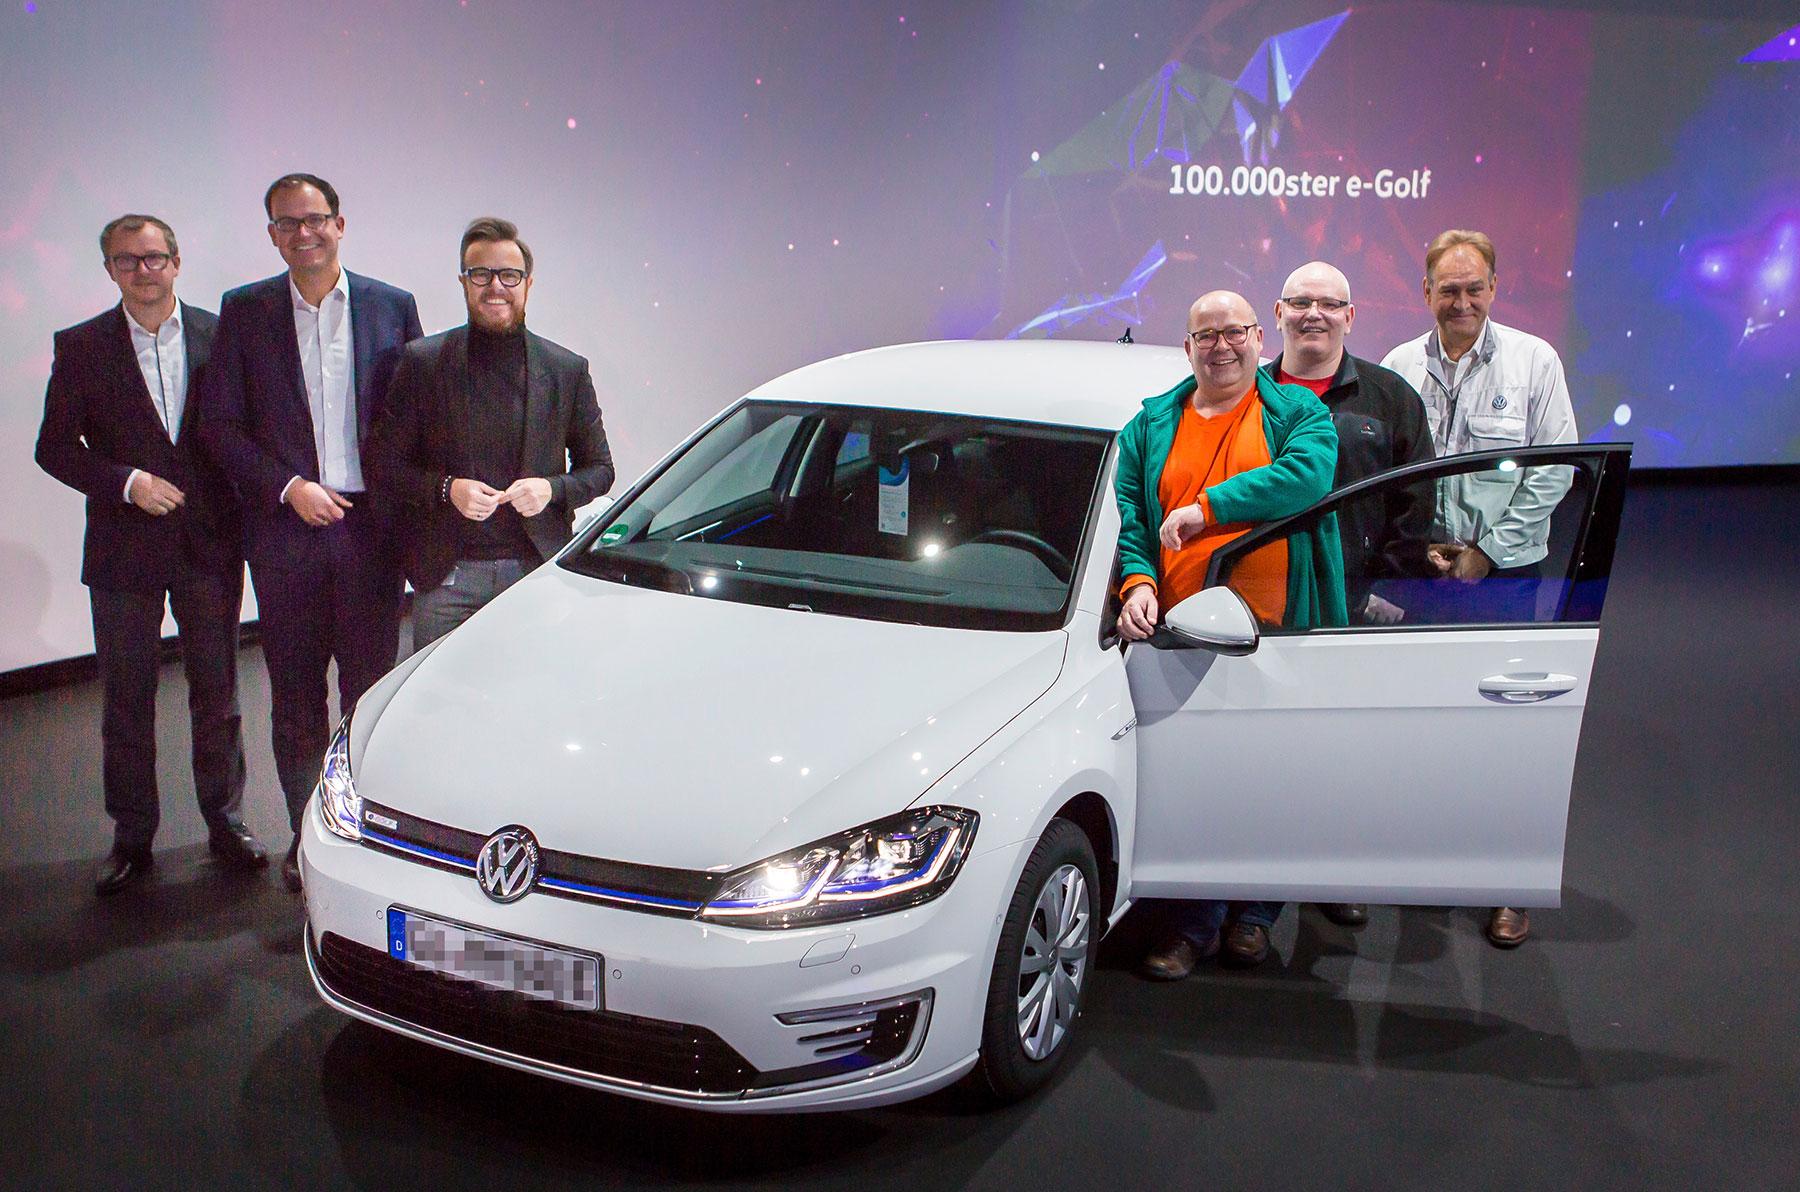 Donnerwetter: VW liefert den 100.000sten e-Golf aus